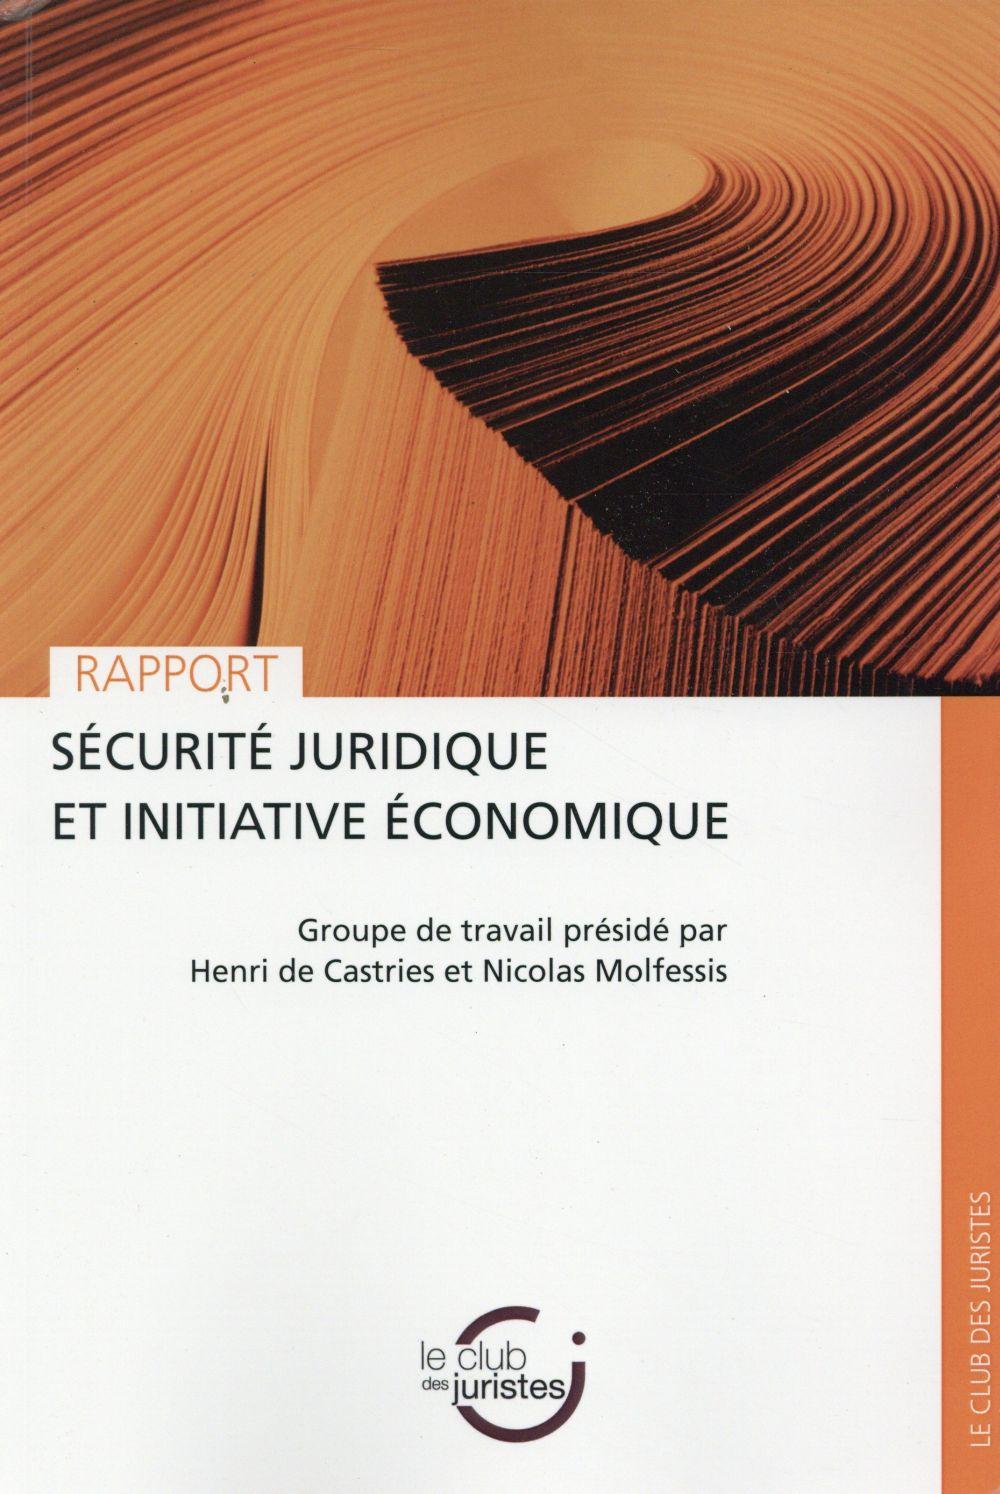 SECURITE JURIDIQUE ET INITIATIVE ECONOMIQUE